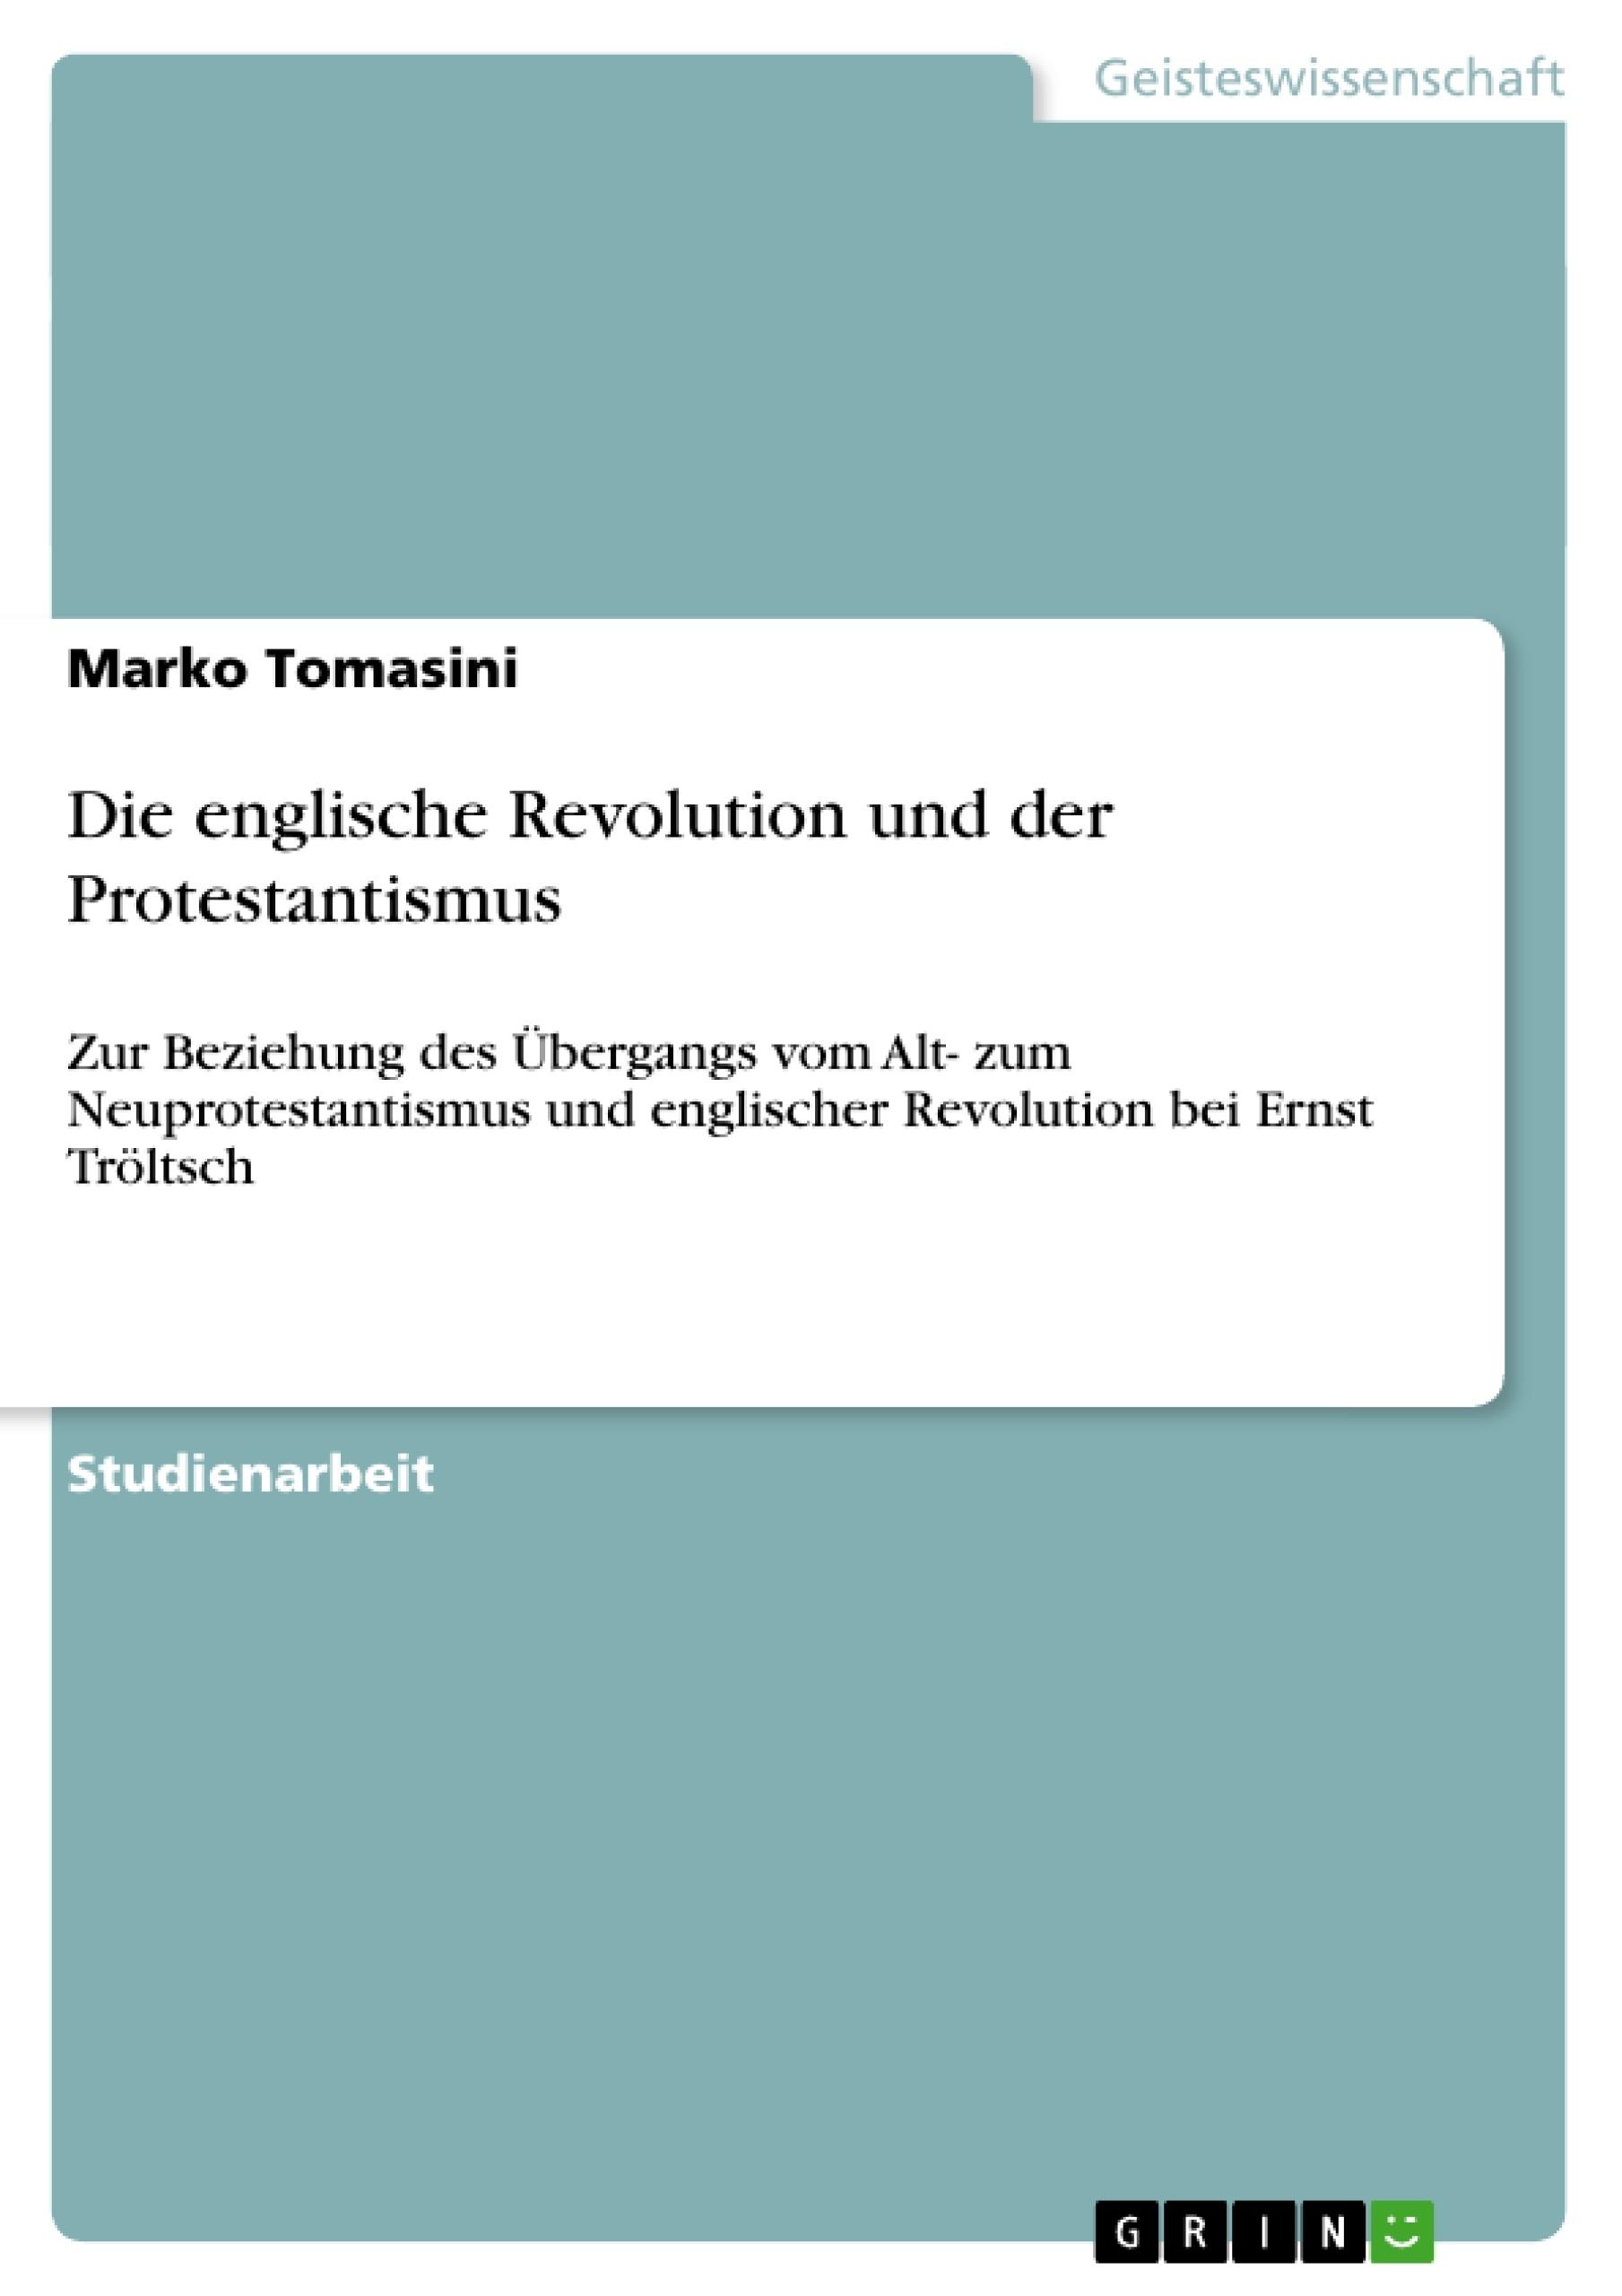 Titel: Die englische Revolution und der Protestantismus